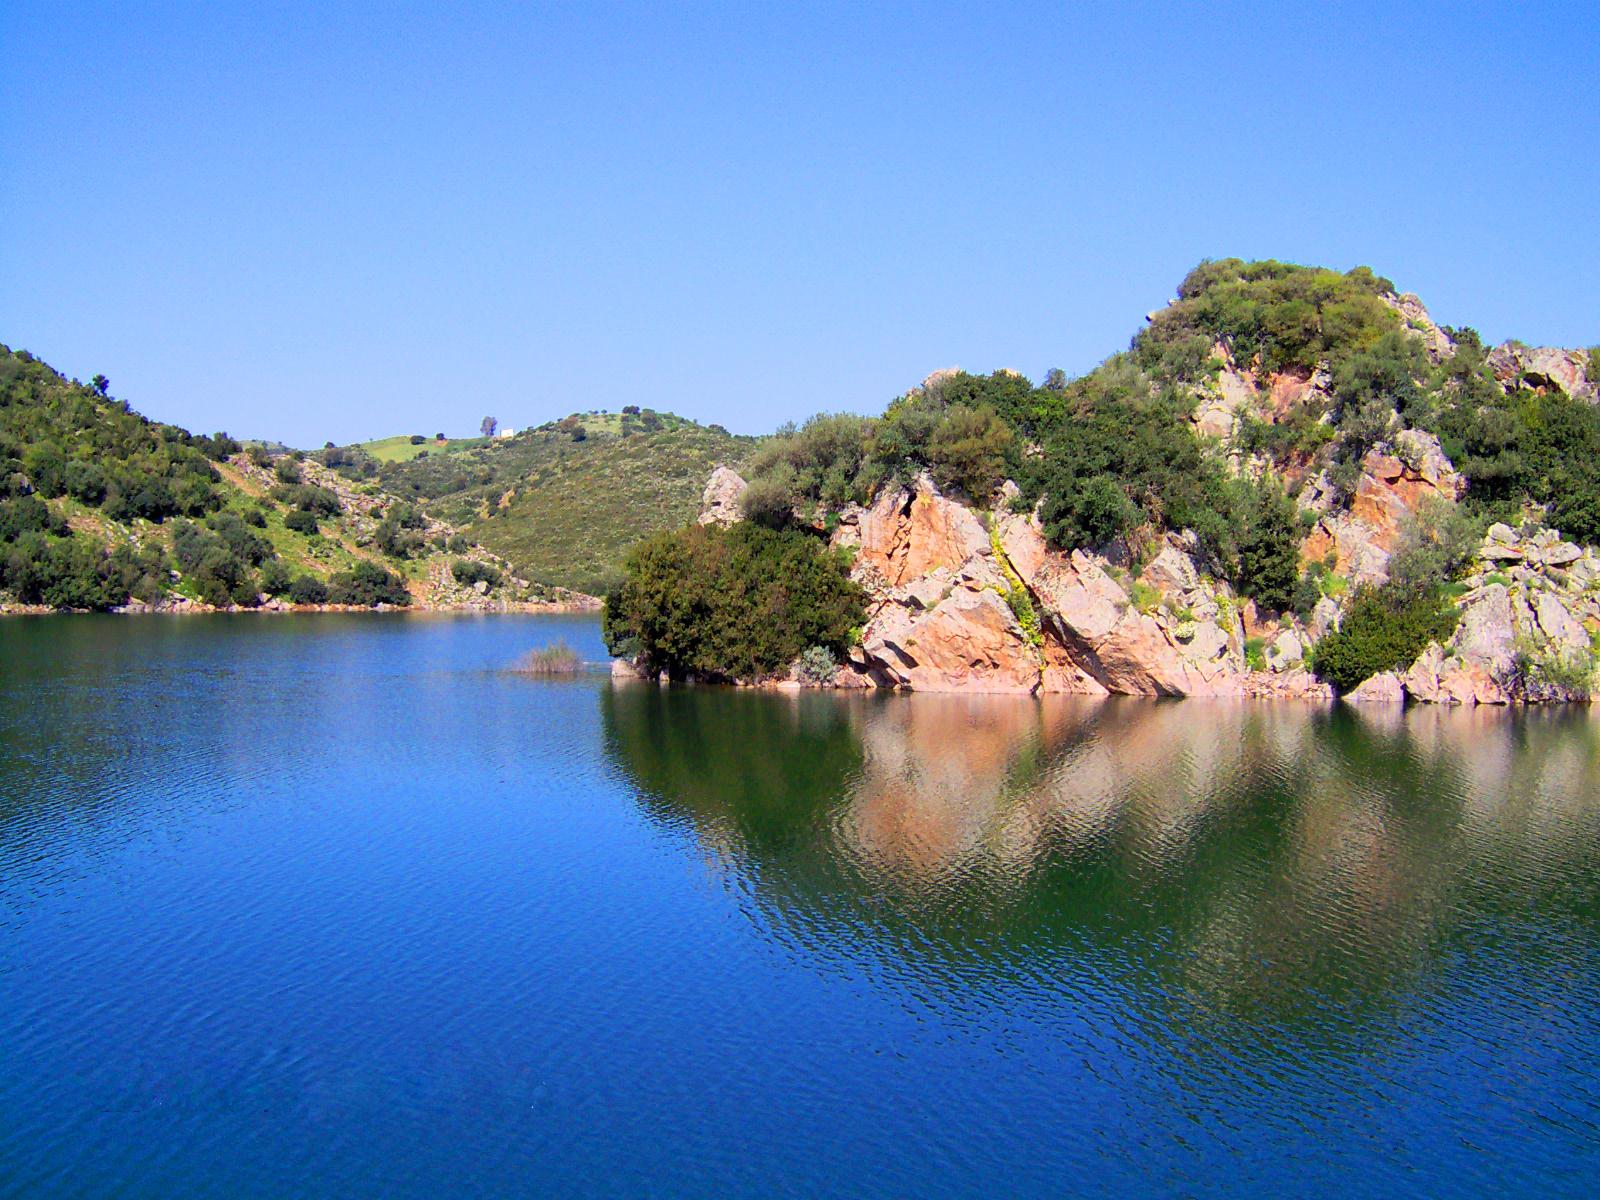 Lago Mulargia in comune di Orroli